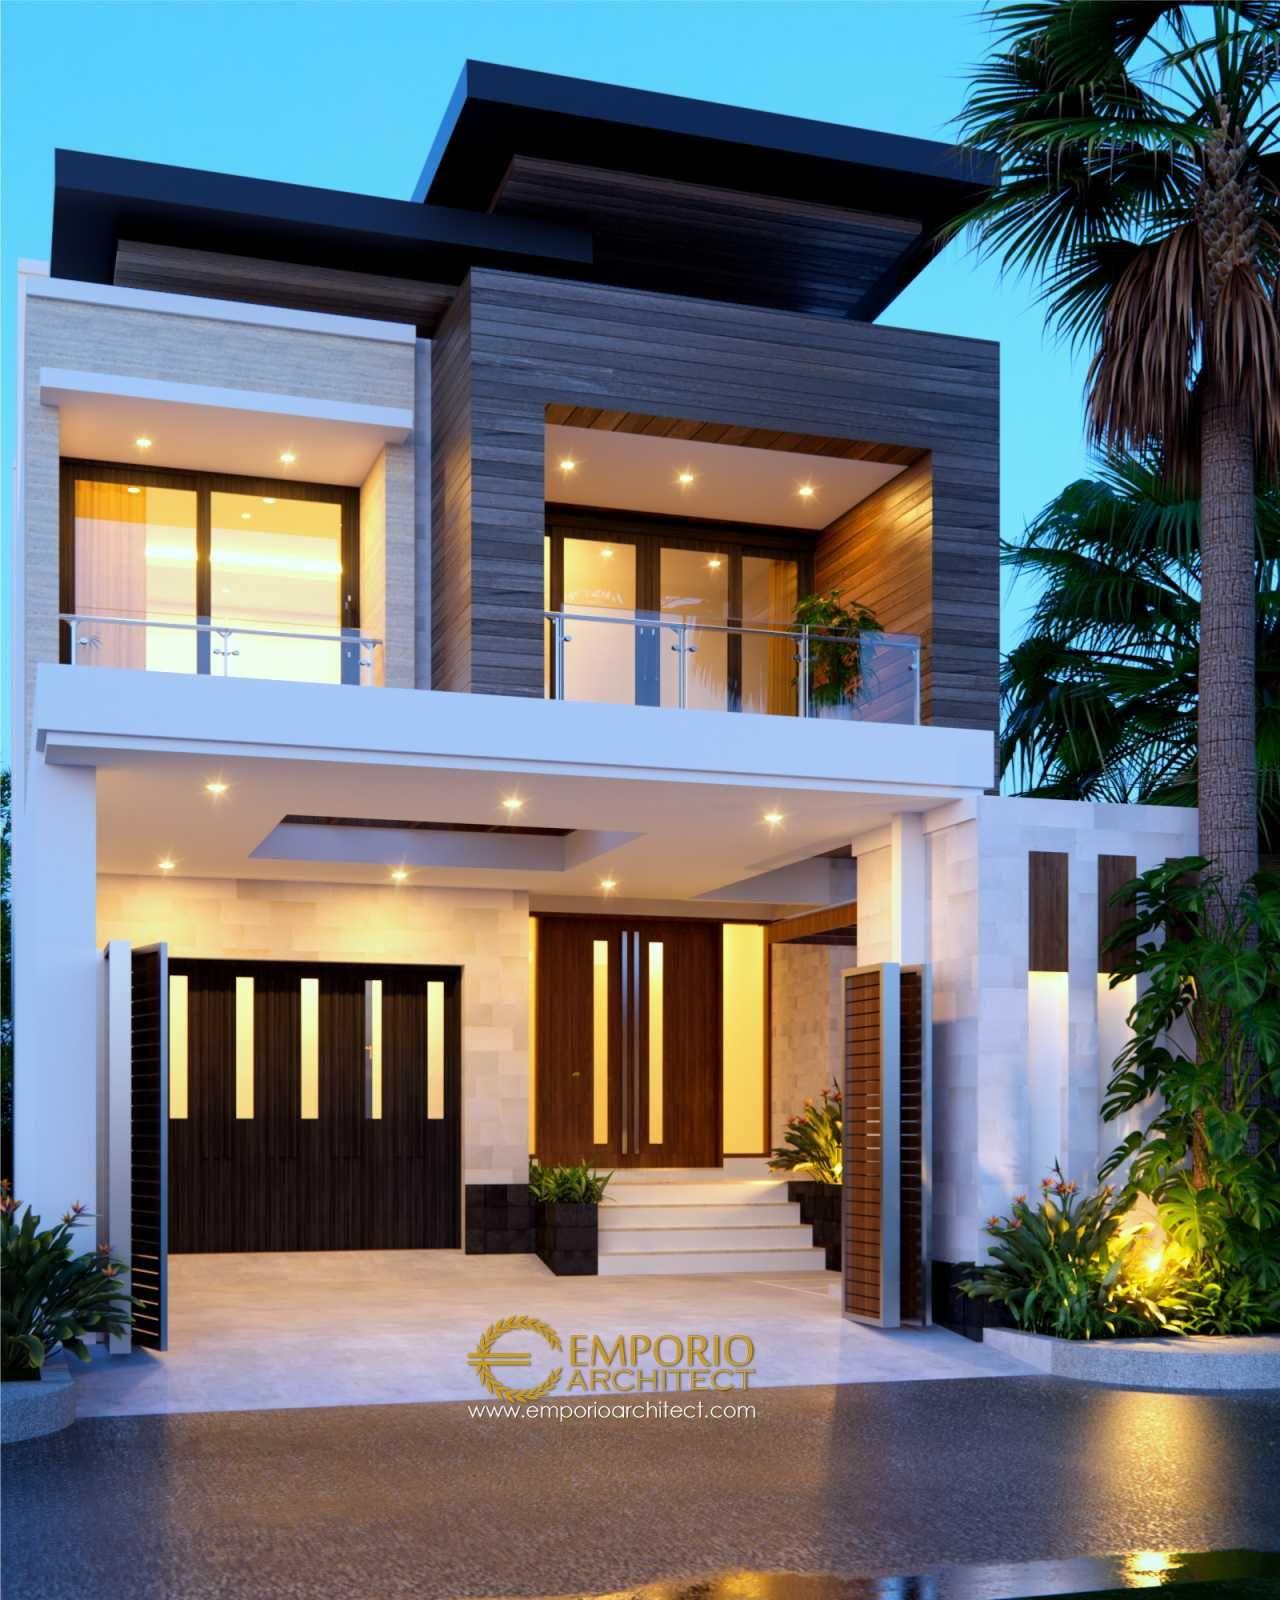 Desain Rumah Ibu Via Di Semarang 1 Di 2020 Arsitektur Rumah Desain Rumah Rumah Modern